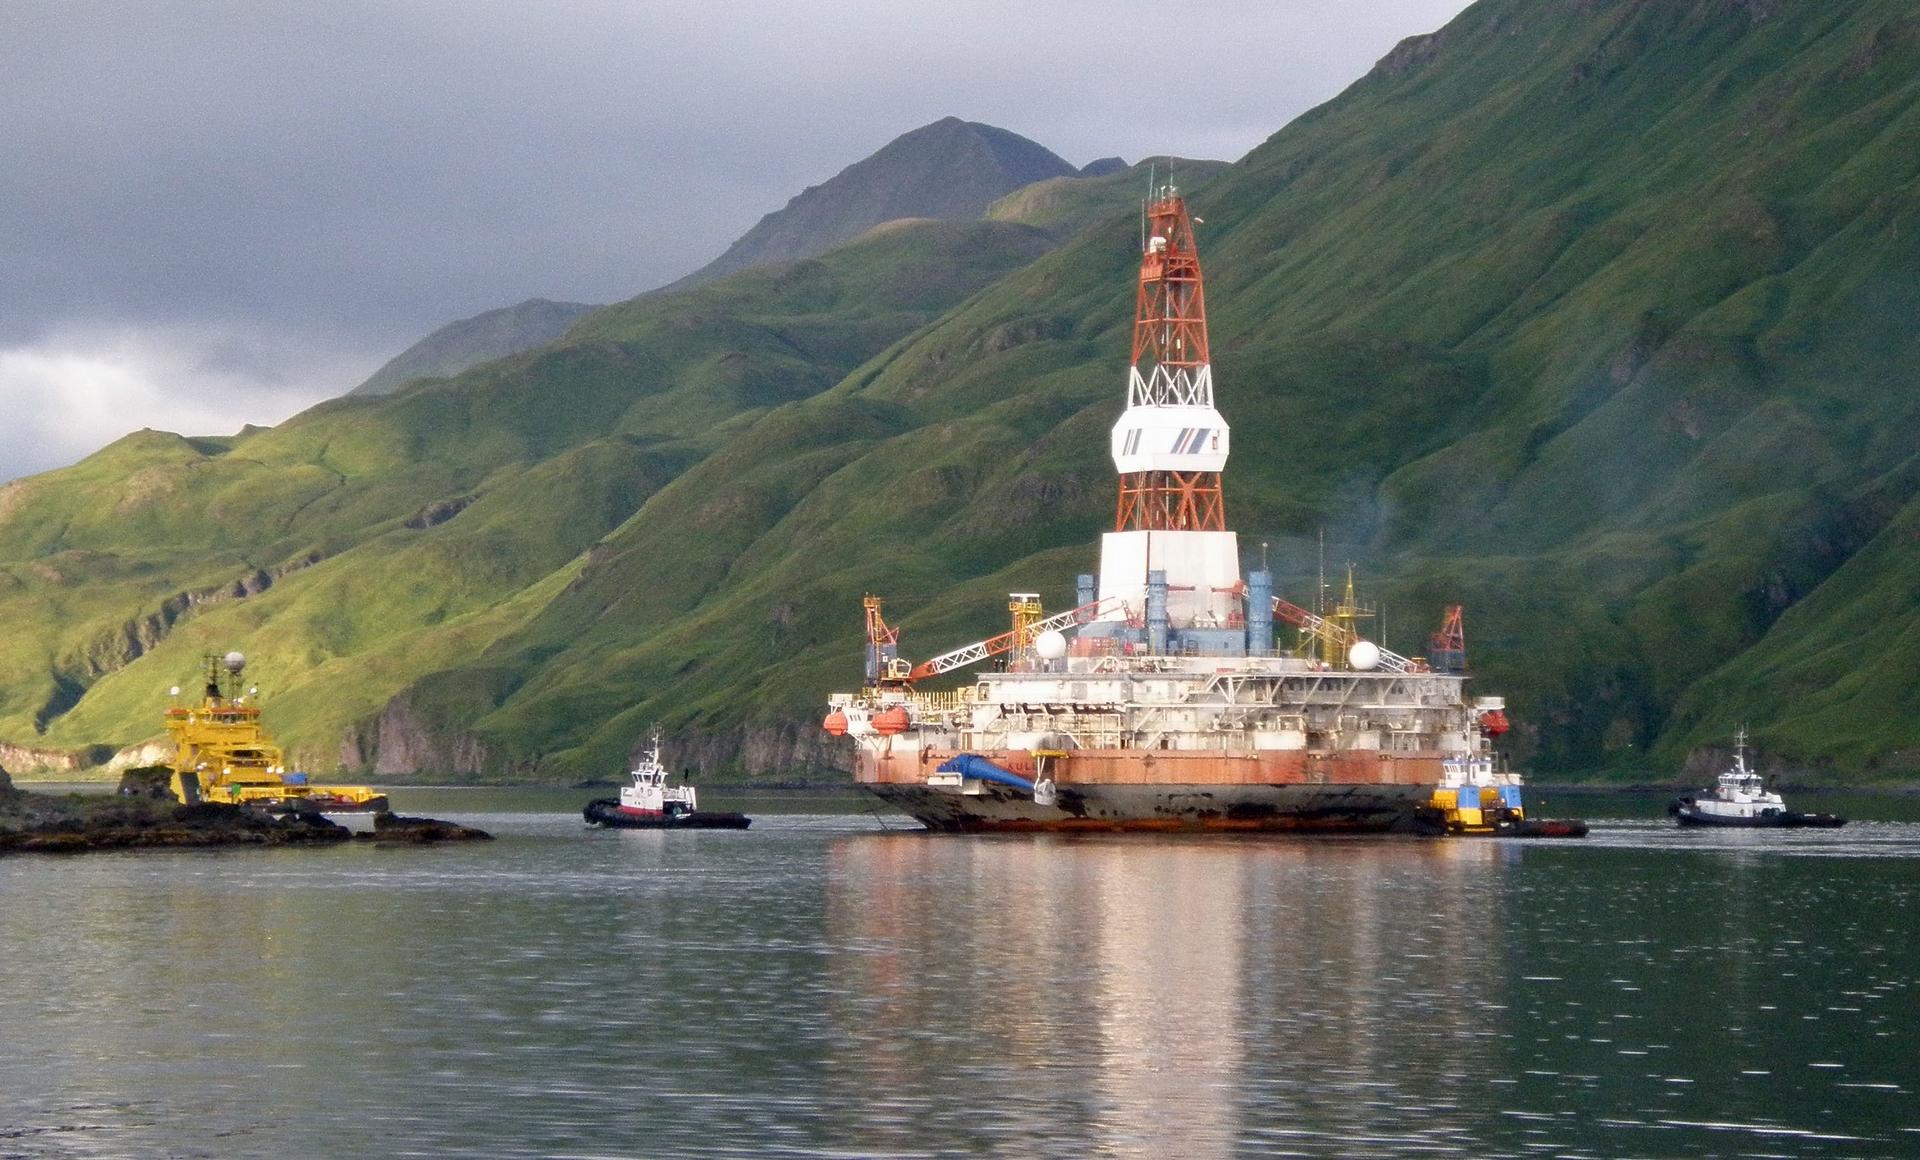 荷蘭皇家殼牌公司鑽油平台。照片來源:Thomas Doyle(CC BY-NC-ND 2.0)